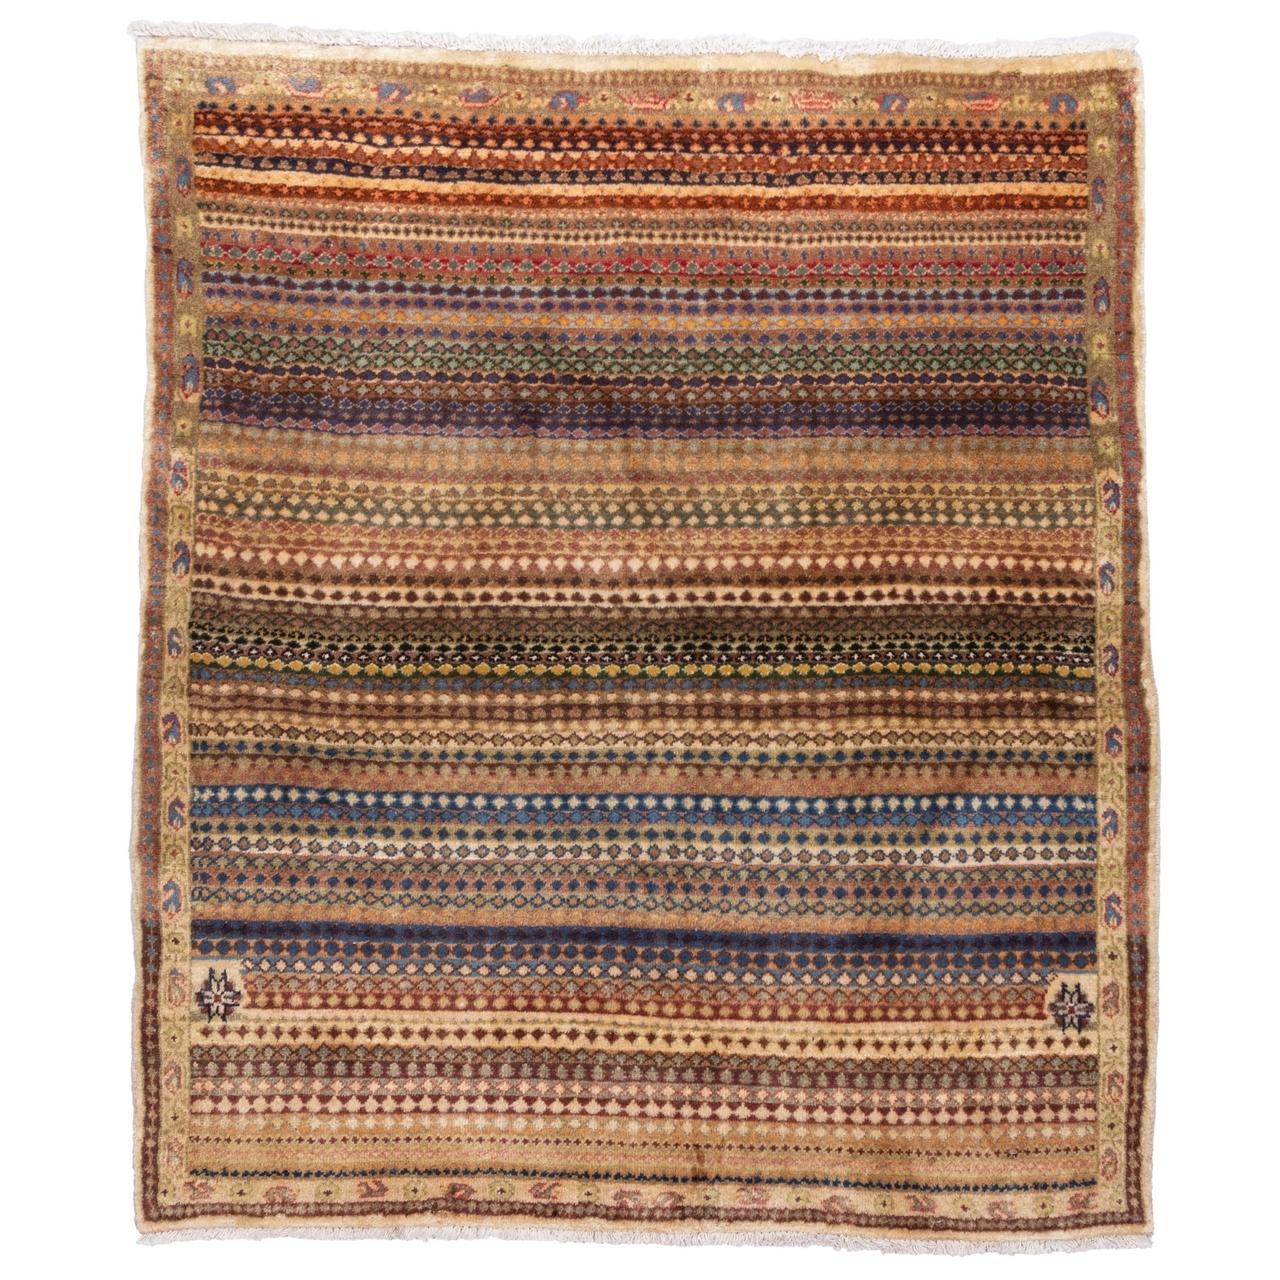 گبه دستباف دو و نیم متری سی پرشیا کد 179081